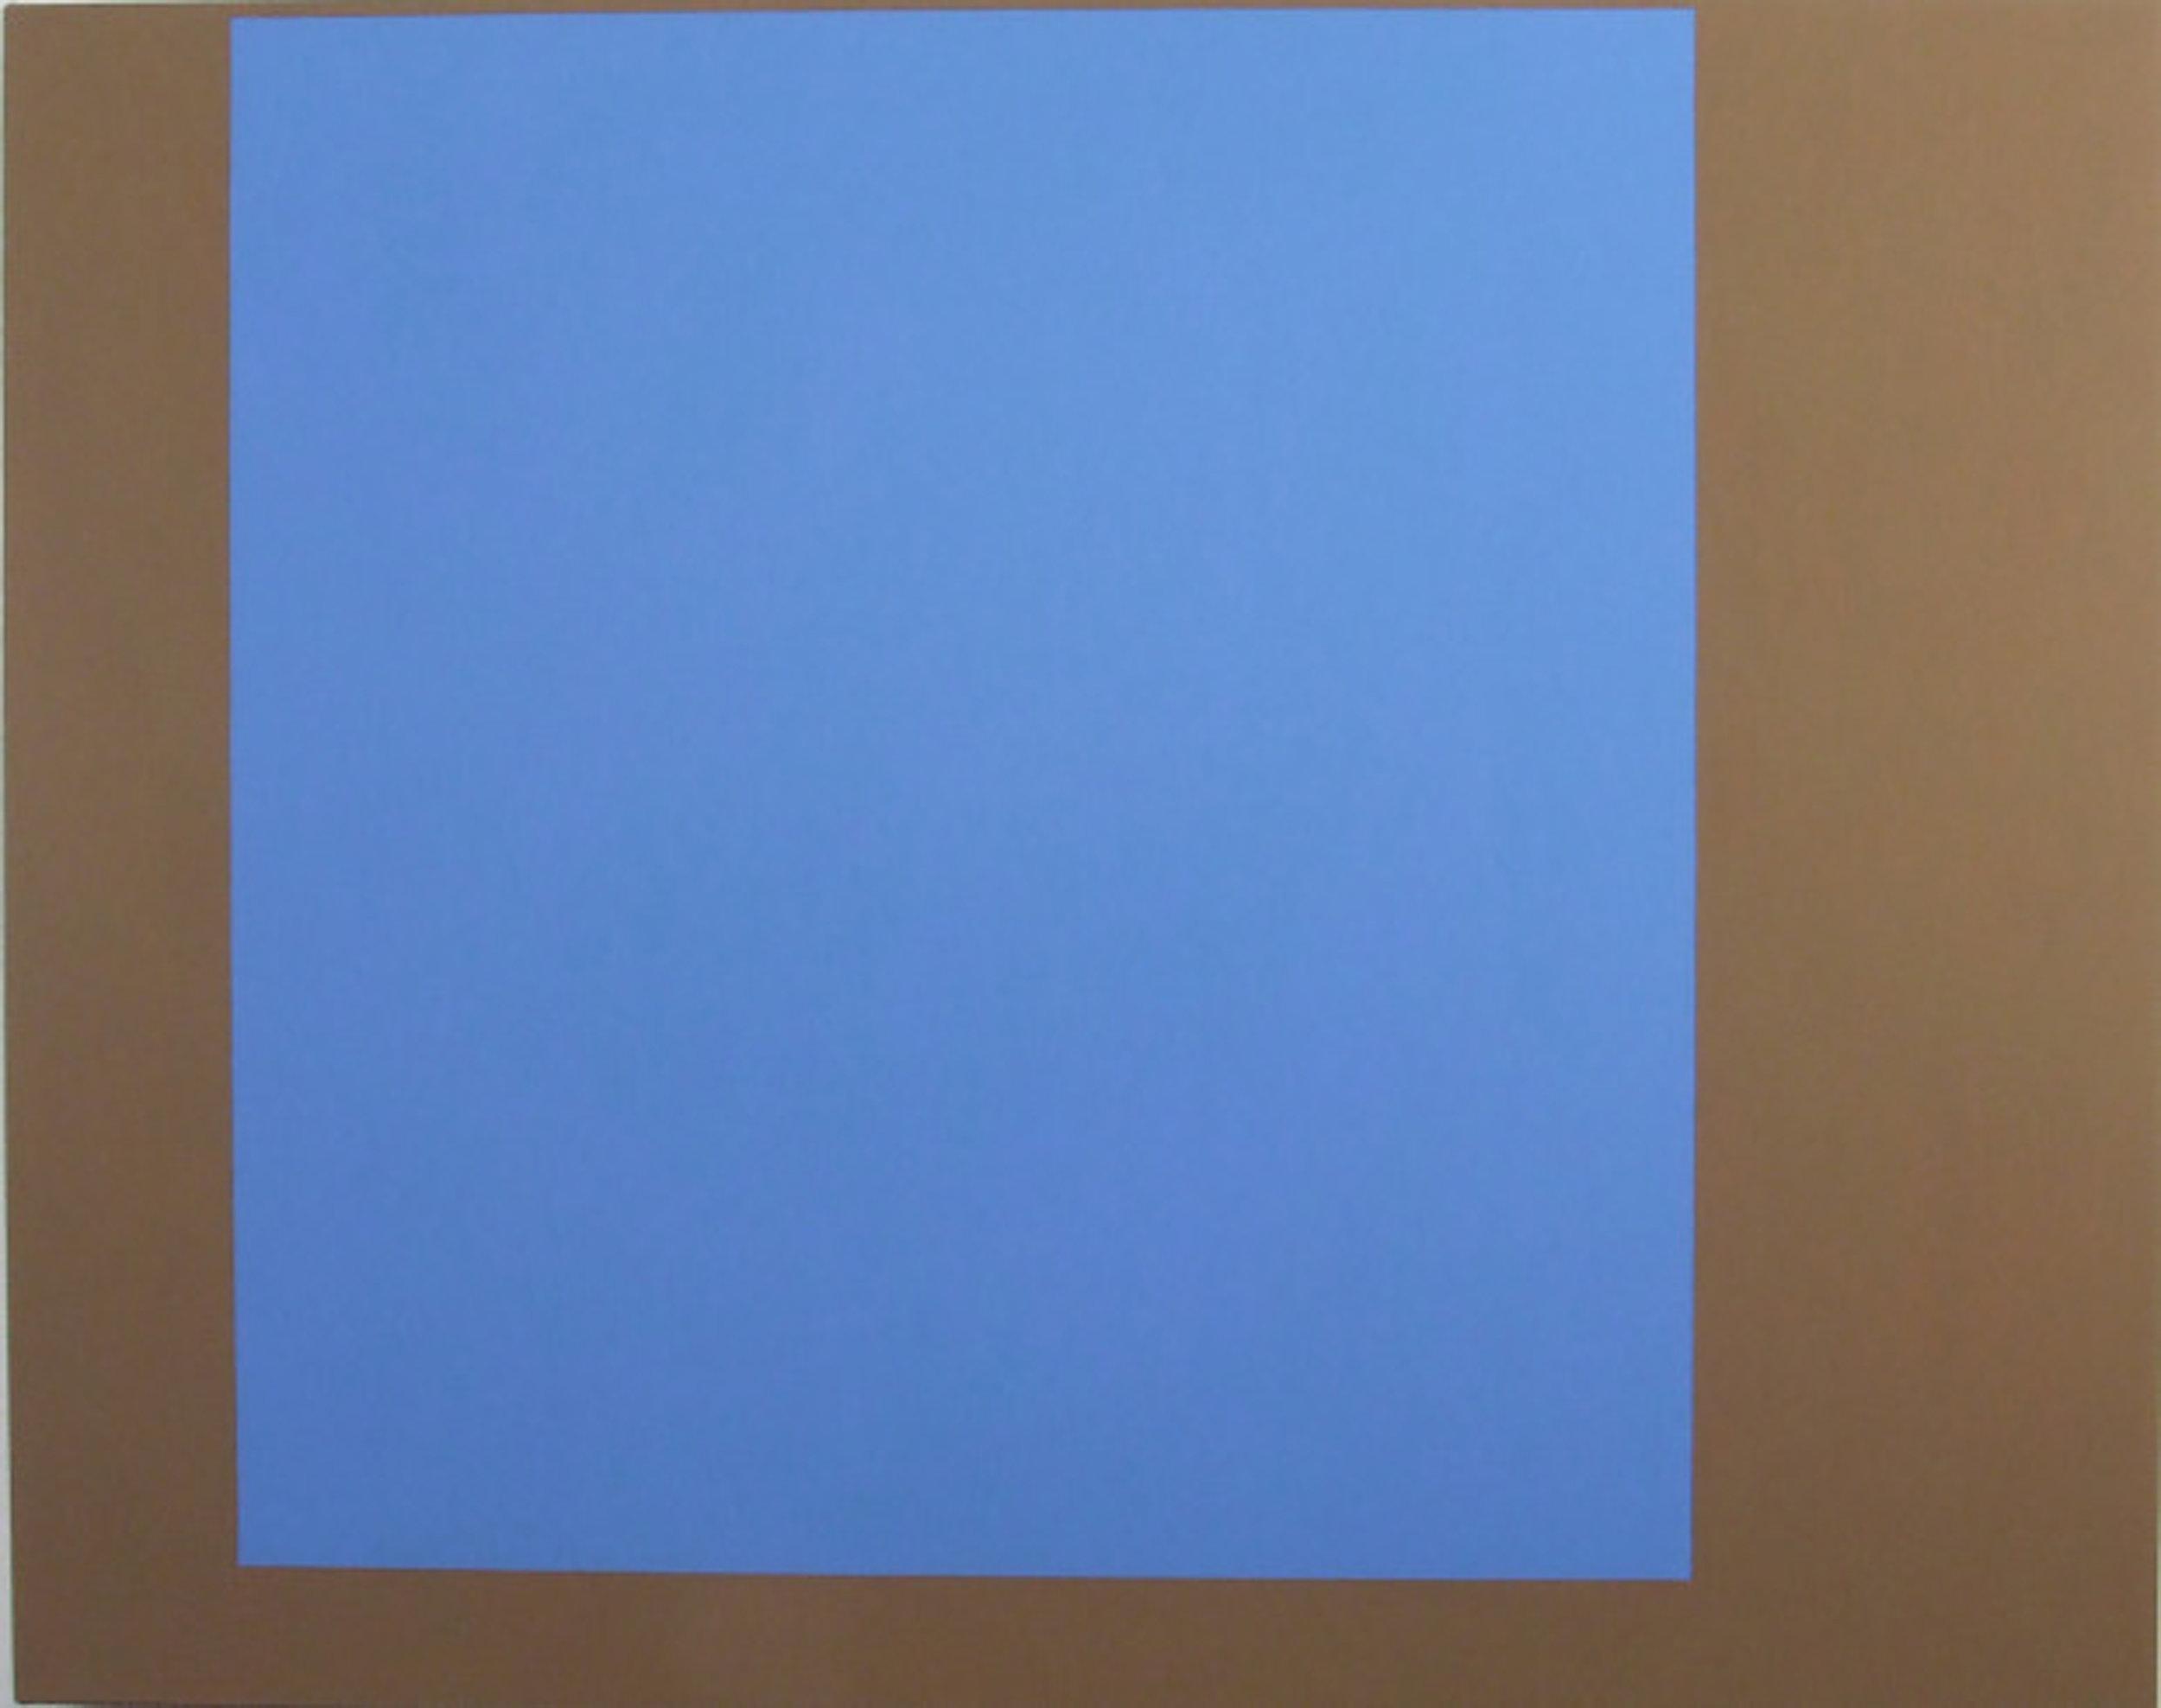 It's My Idea of Love #1, Ocean Park, Santa Monica, 37 x 47 inches / 93 x 119 cm, acrylic on canvas, 2005